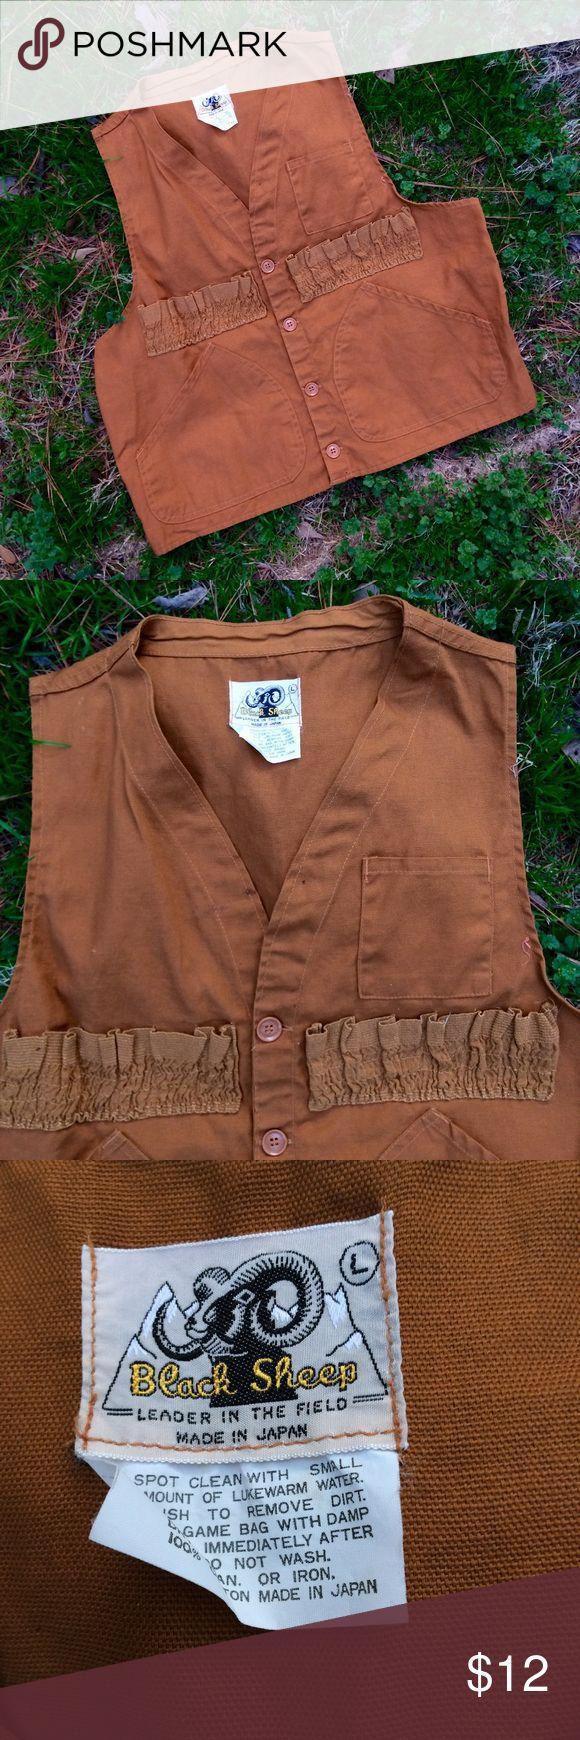 Vintage Black Sheep hunting vest Vintage Black Sheep hunting vest. Missing back panel. Overall great condition. Men's size L. Vintage Suits & Blazers Vests #menssuitsvintage